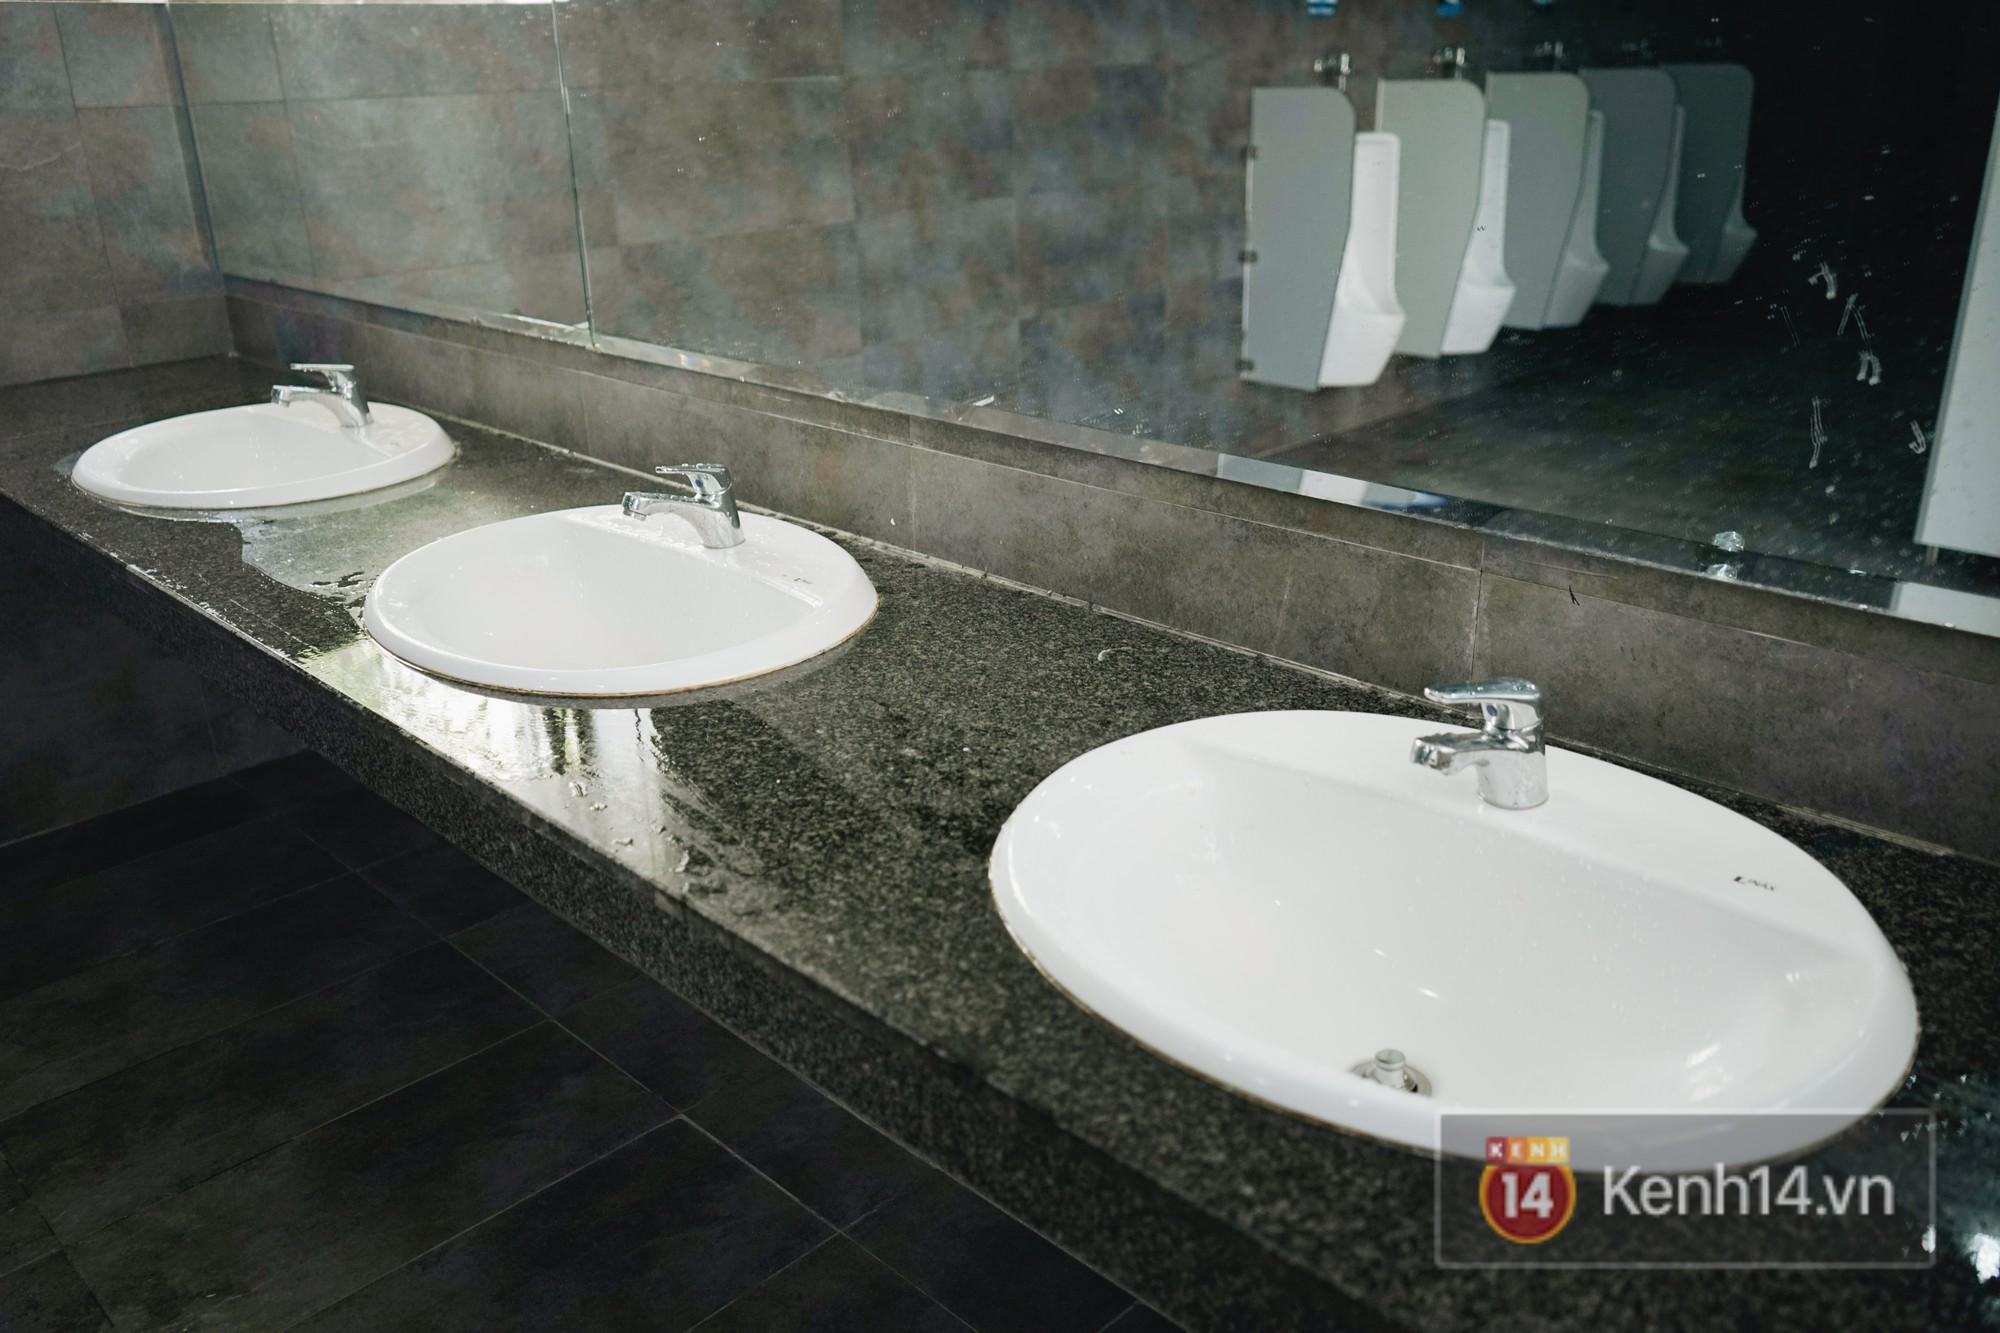 Nhà vệ sinh lộ thiên sang chảnh như khách sạn của Đại học FPT: Vừa giải quyết nỗi buồn vừa ngắm mây trời, hoa lá - Ảnh 5.